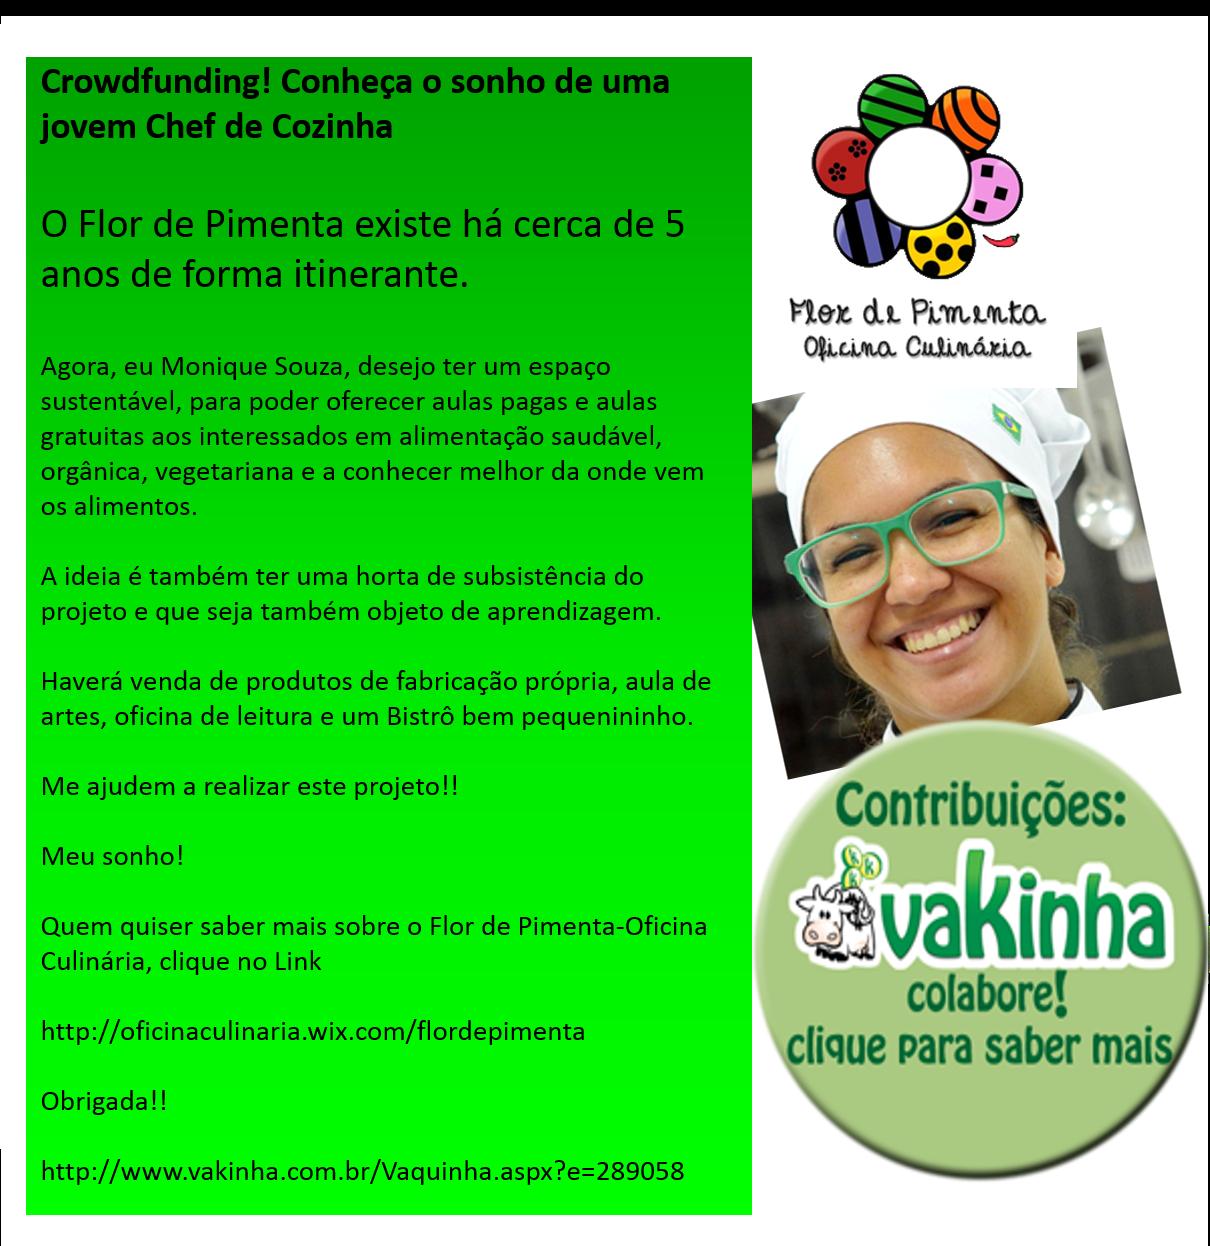 http://www.vakinha.com.br/Pagamento.aspx?id=289058